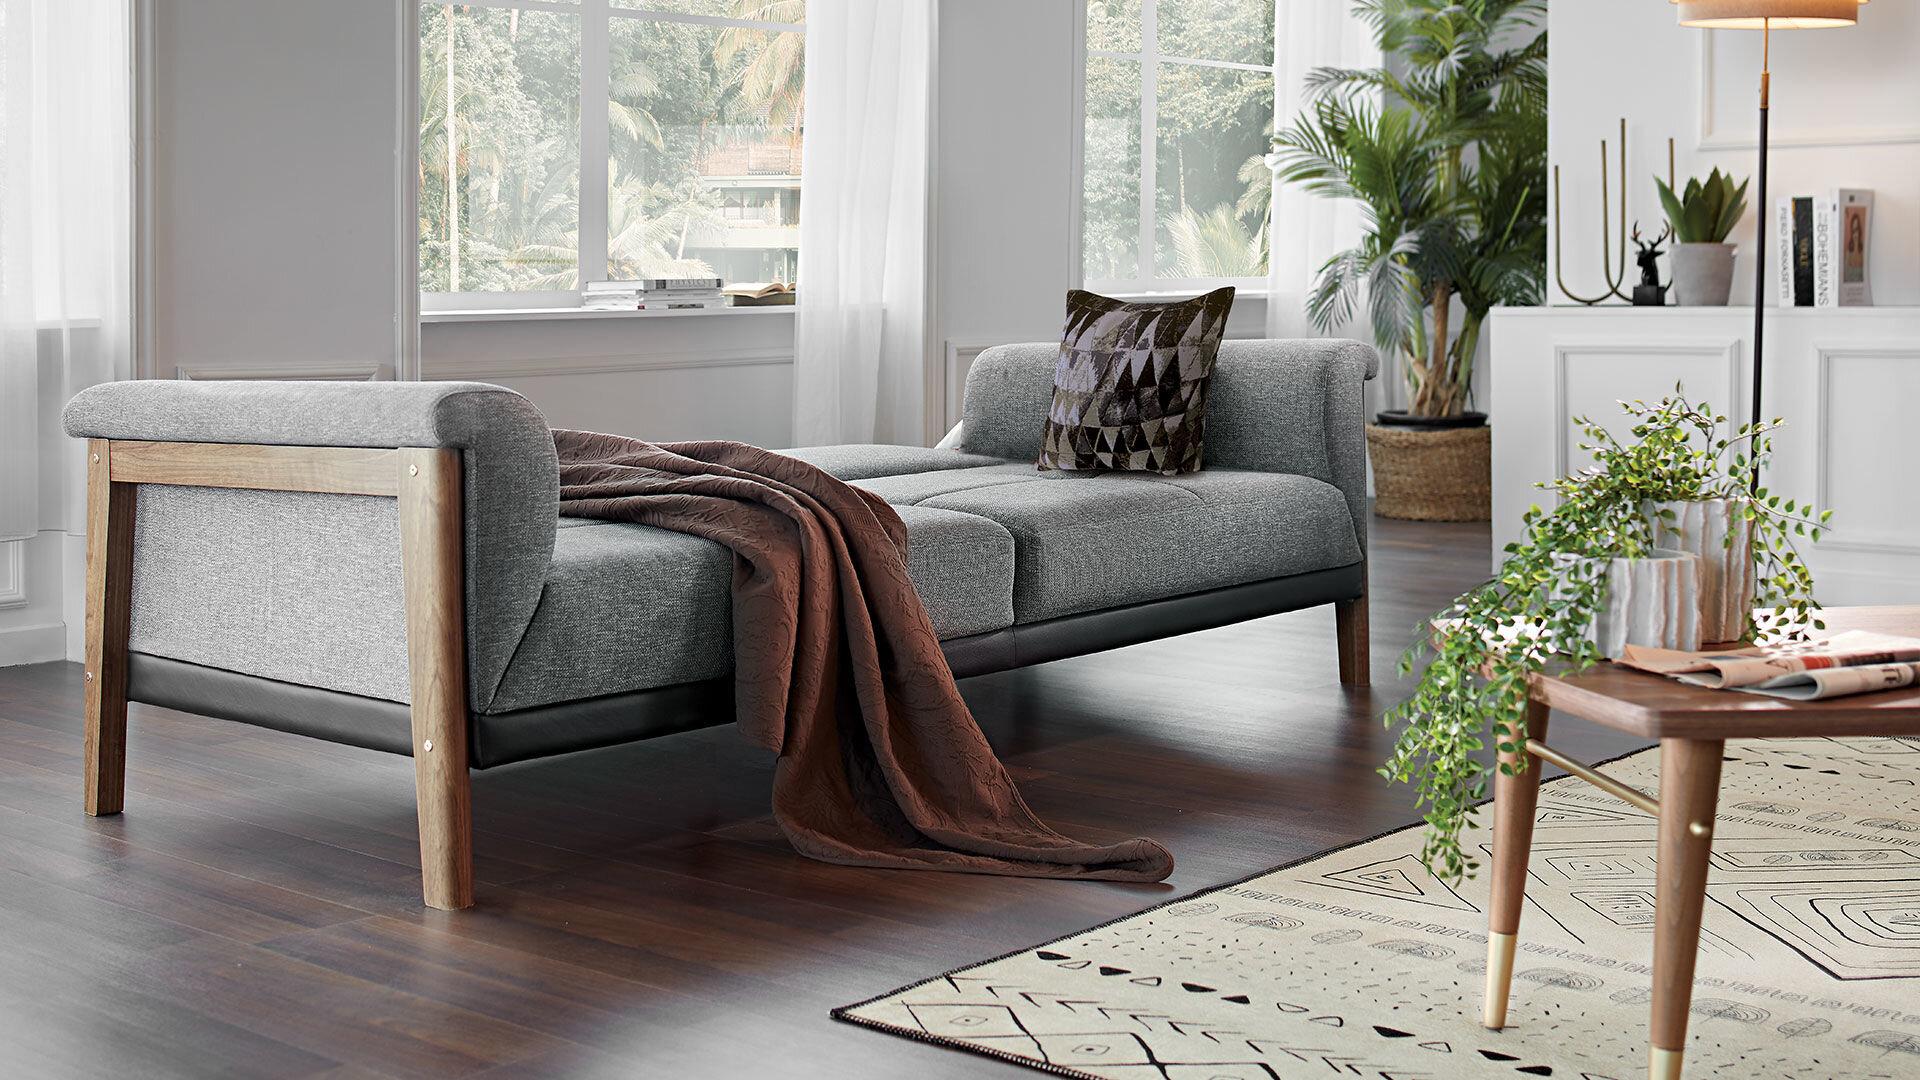 Nordic Üçlü Koltuk (Yataklı)